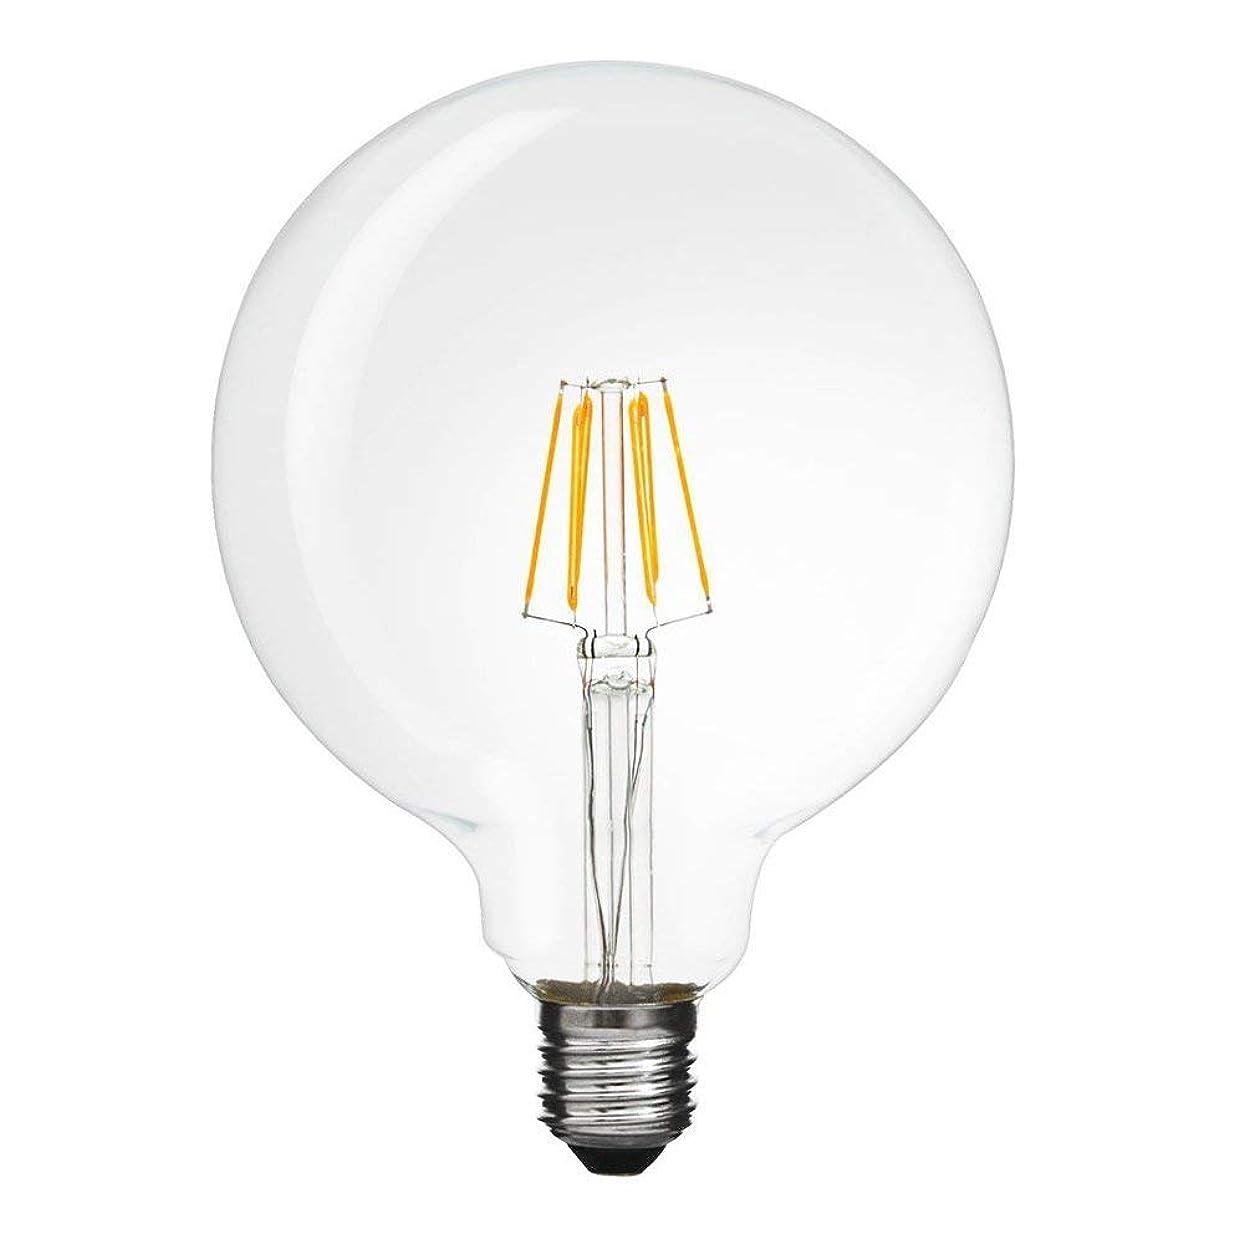 森しなやかな帝国主義エジソン電球 LED クリア電球 G125 フィラメント型 ボール電球 口金E26 / E27 100w相当 プレミアムLED電球 1000lm 長寿命 省エネ オリジナルランプ 調光不可 1個セット 昼光色 6000k